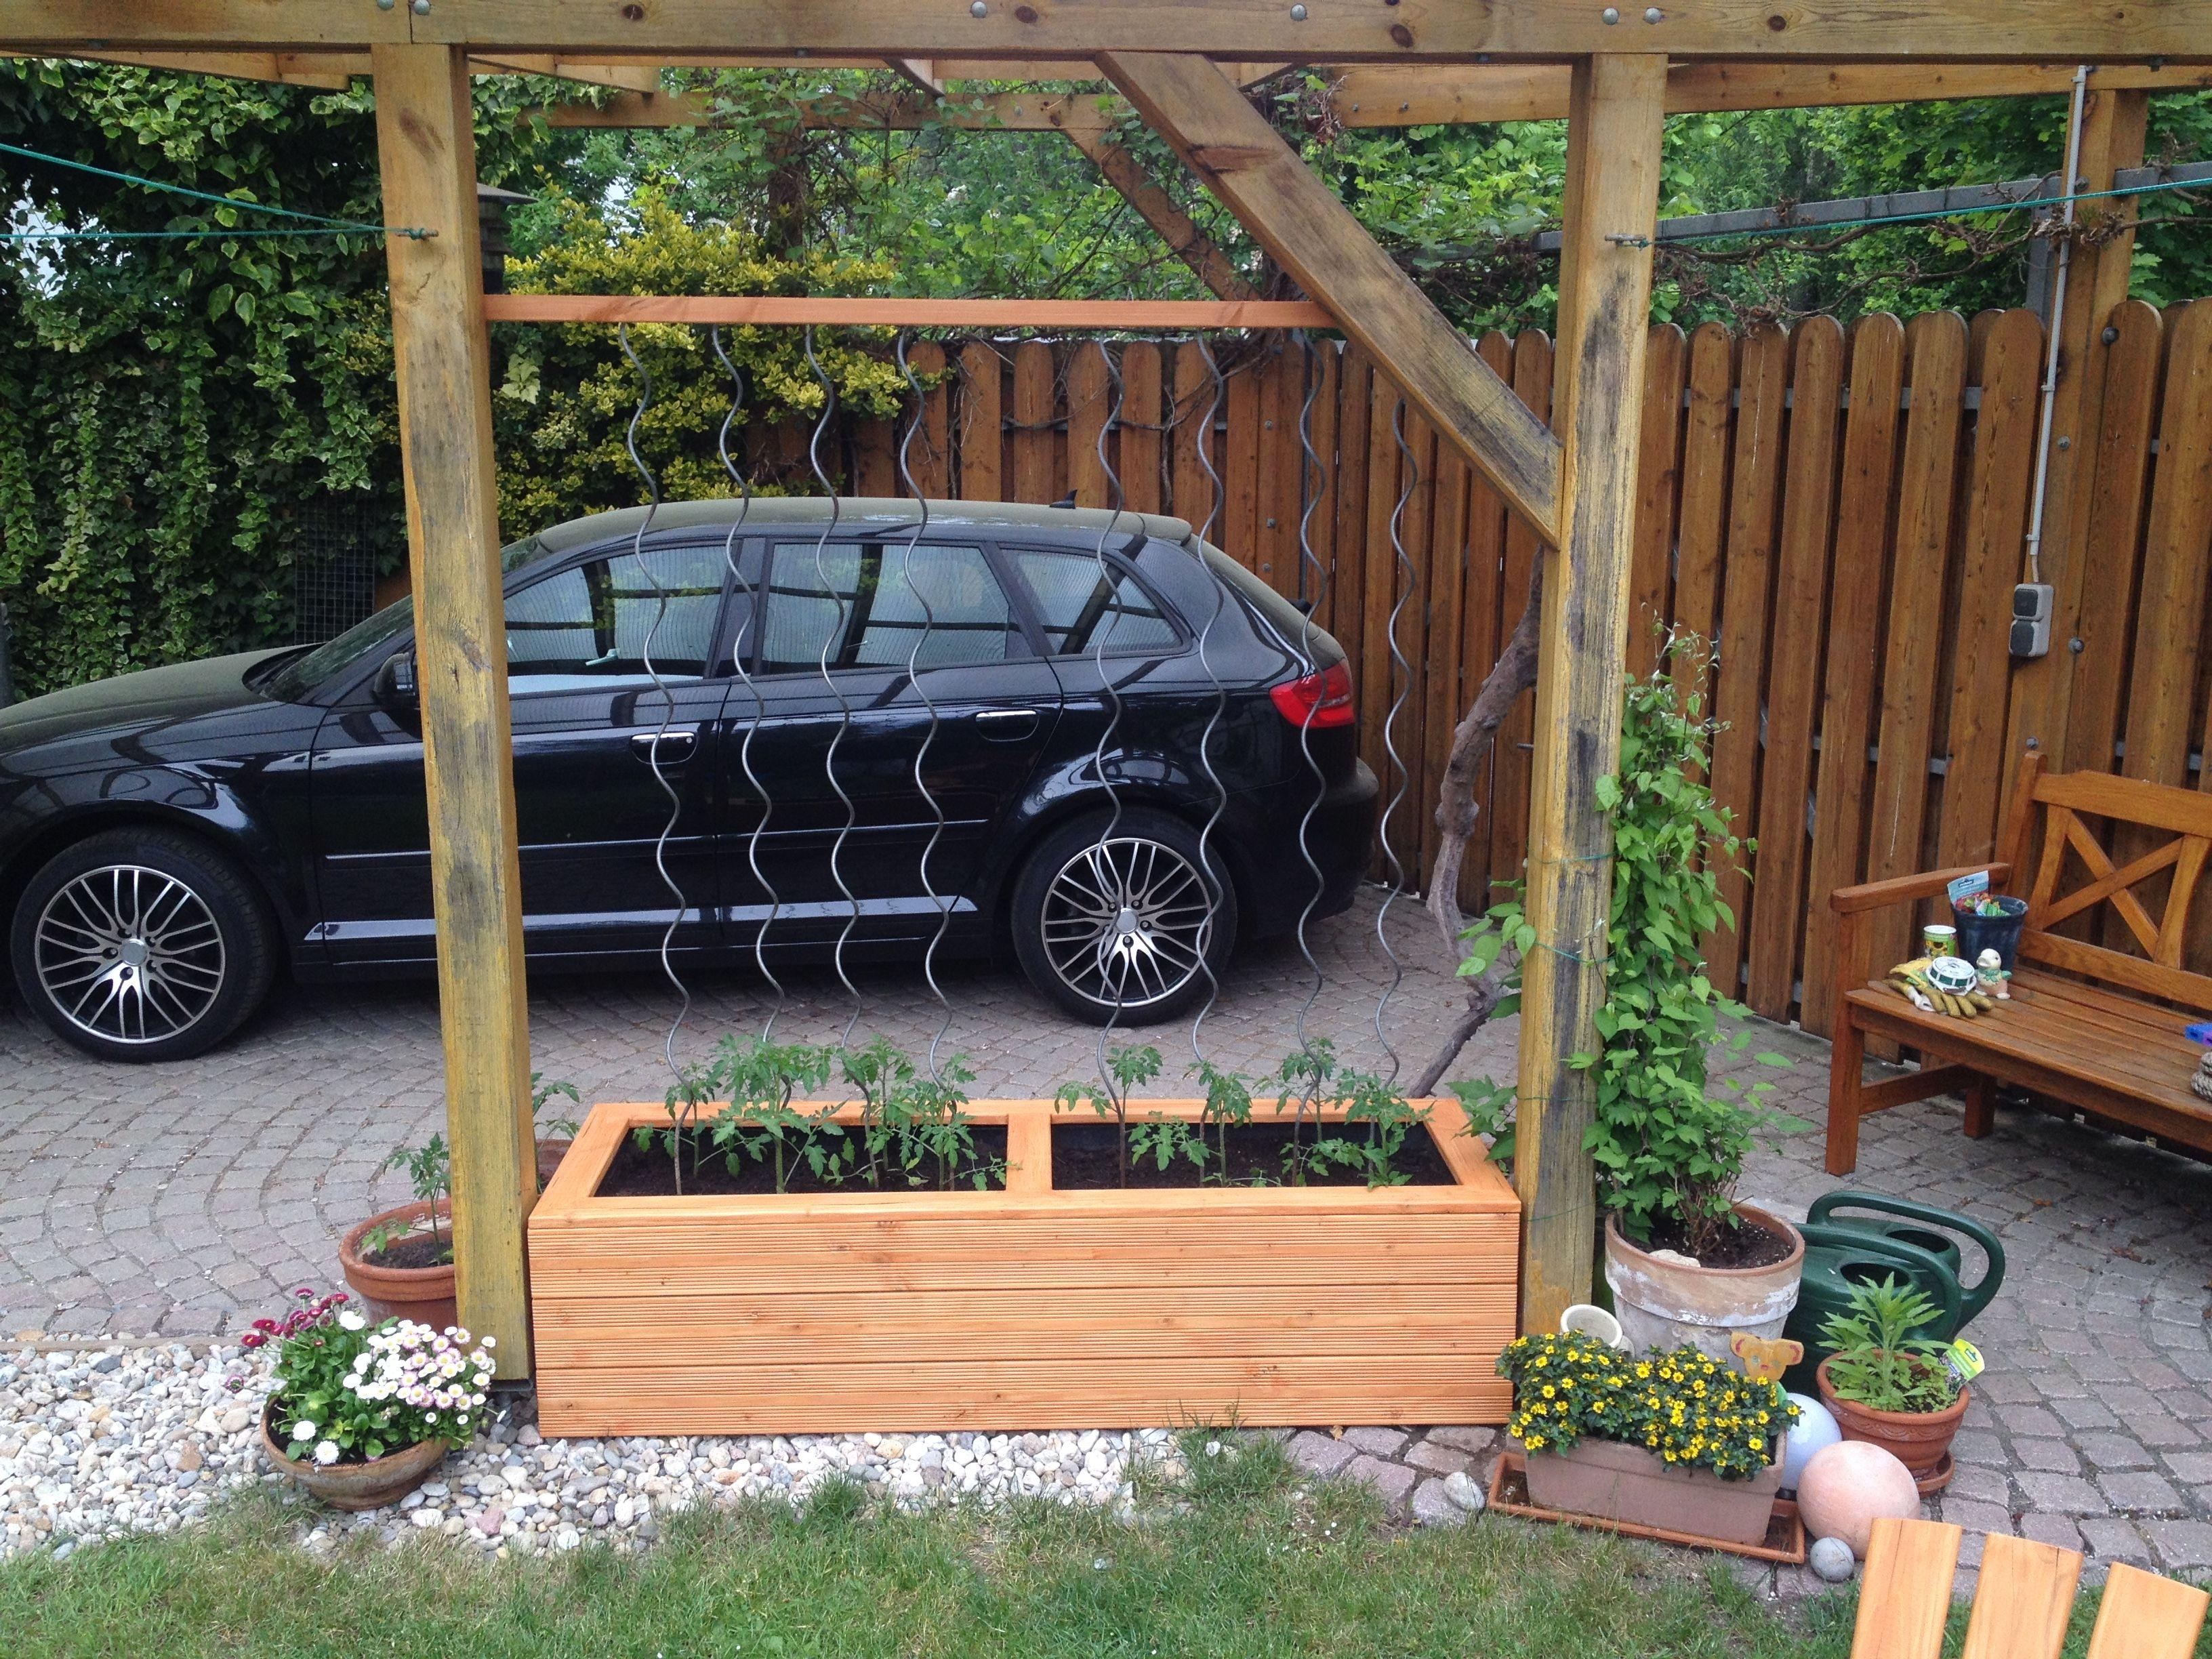 pflanzkasten f r tomaten bauanleitung zum selber bauen. Black Bedroom Furniture Sets. Home Design Ideas